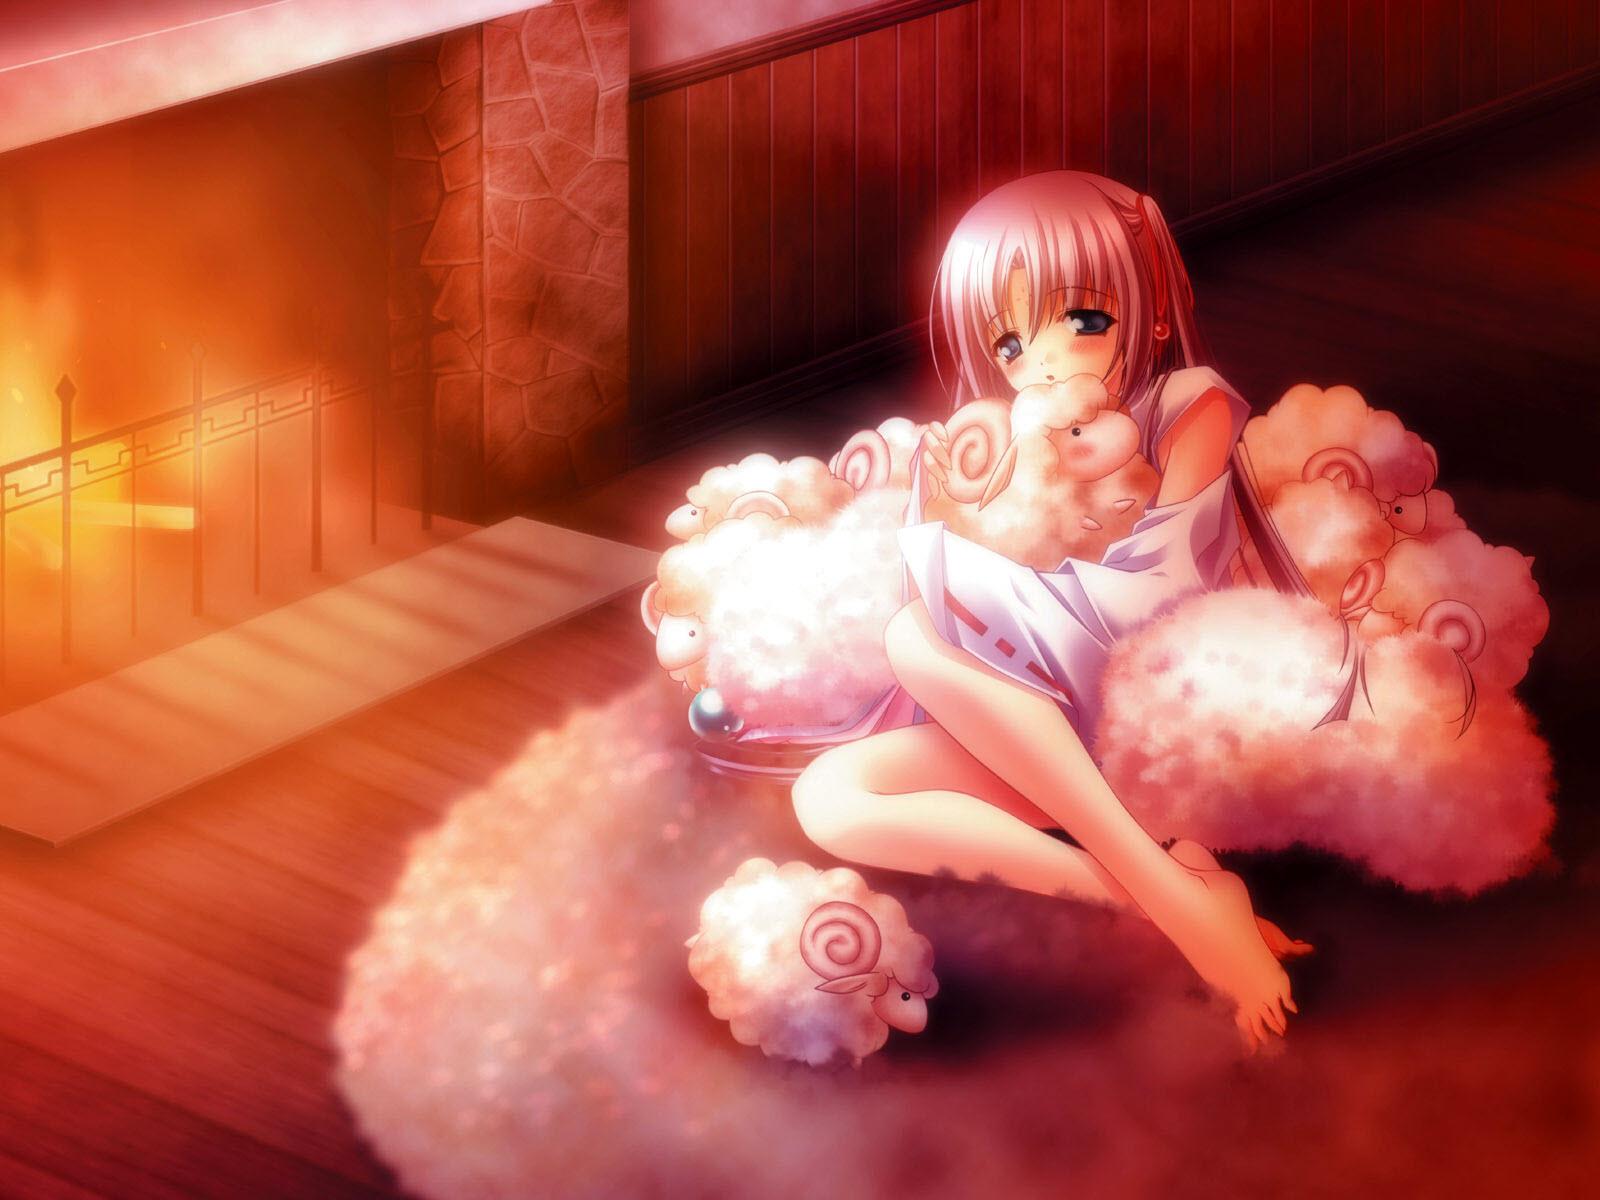 http://1.bp.blogspot.com/-Ldd-IPfZ3Sw/T-c2_N6M0XI/AAAAAAAAGeE/LSofDAPTOGU/s1600/anime+girls+wallpapers.jpg